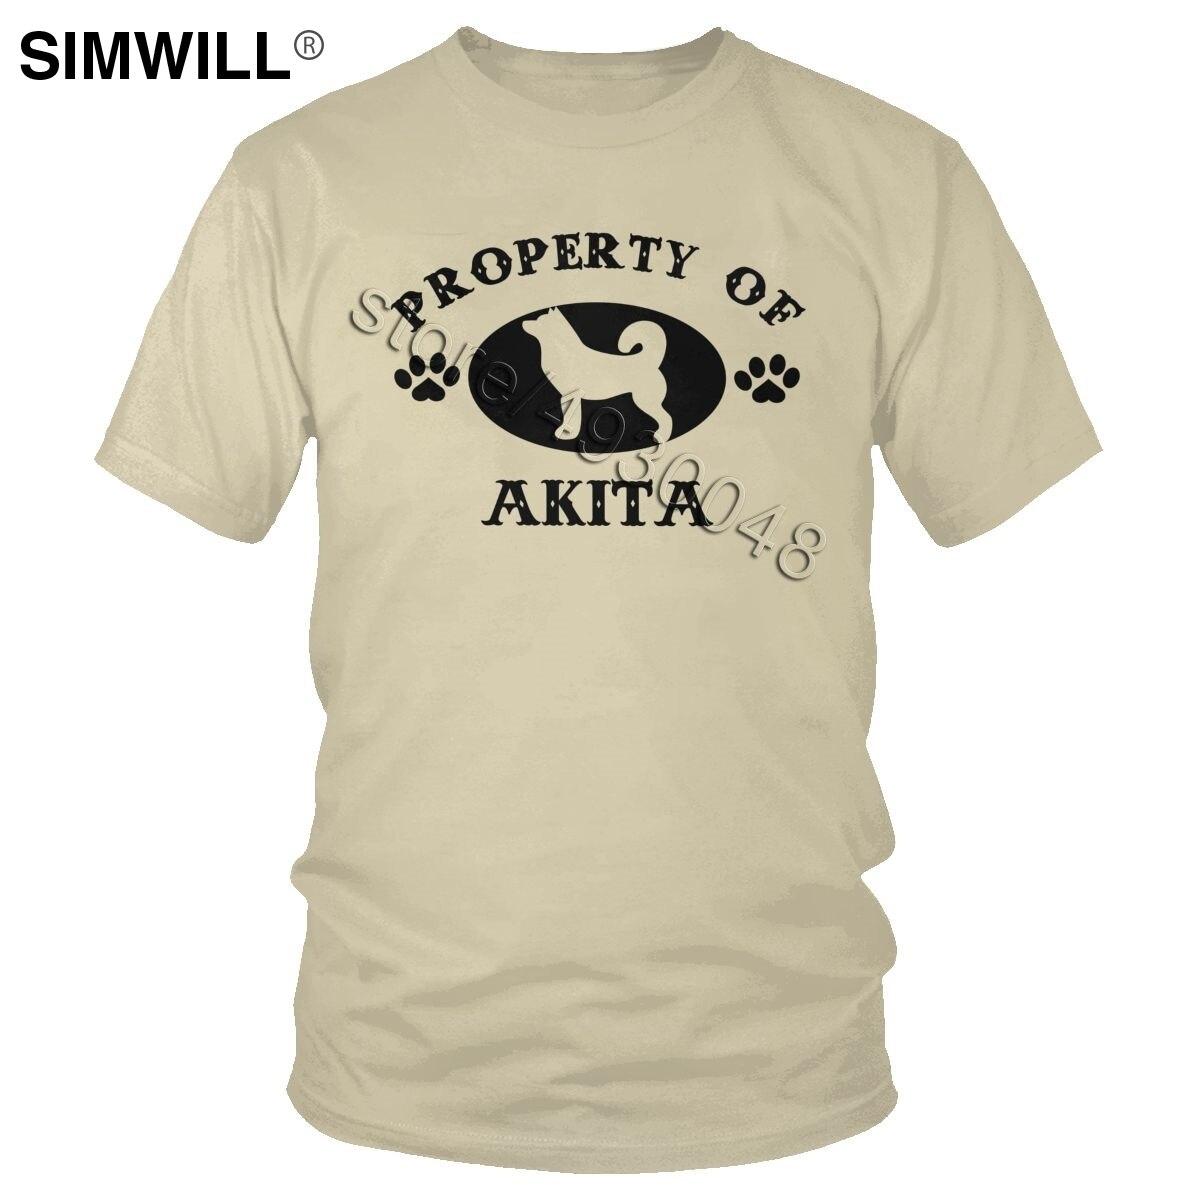 Camiseta de manga corta con estampado de algodón puro para hombre, Camiseta...